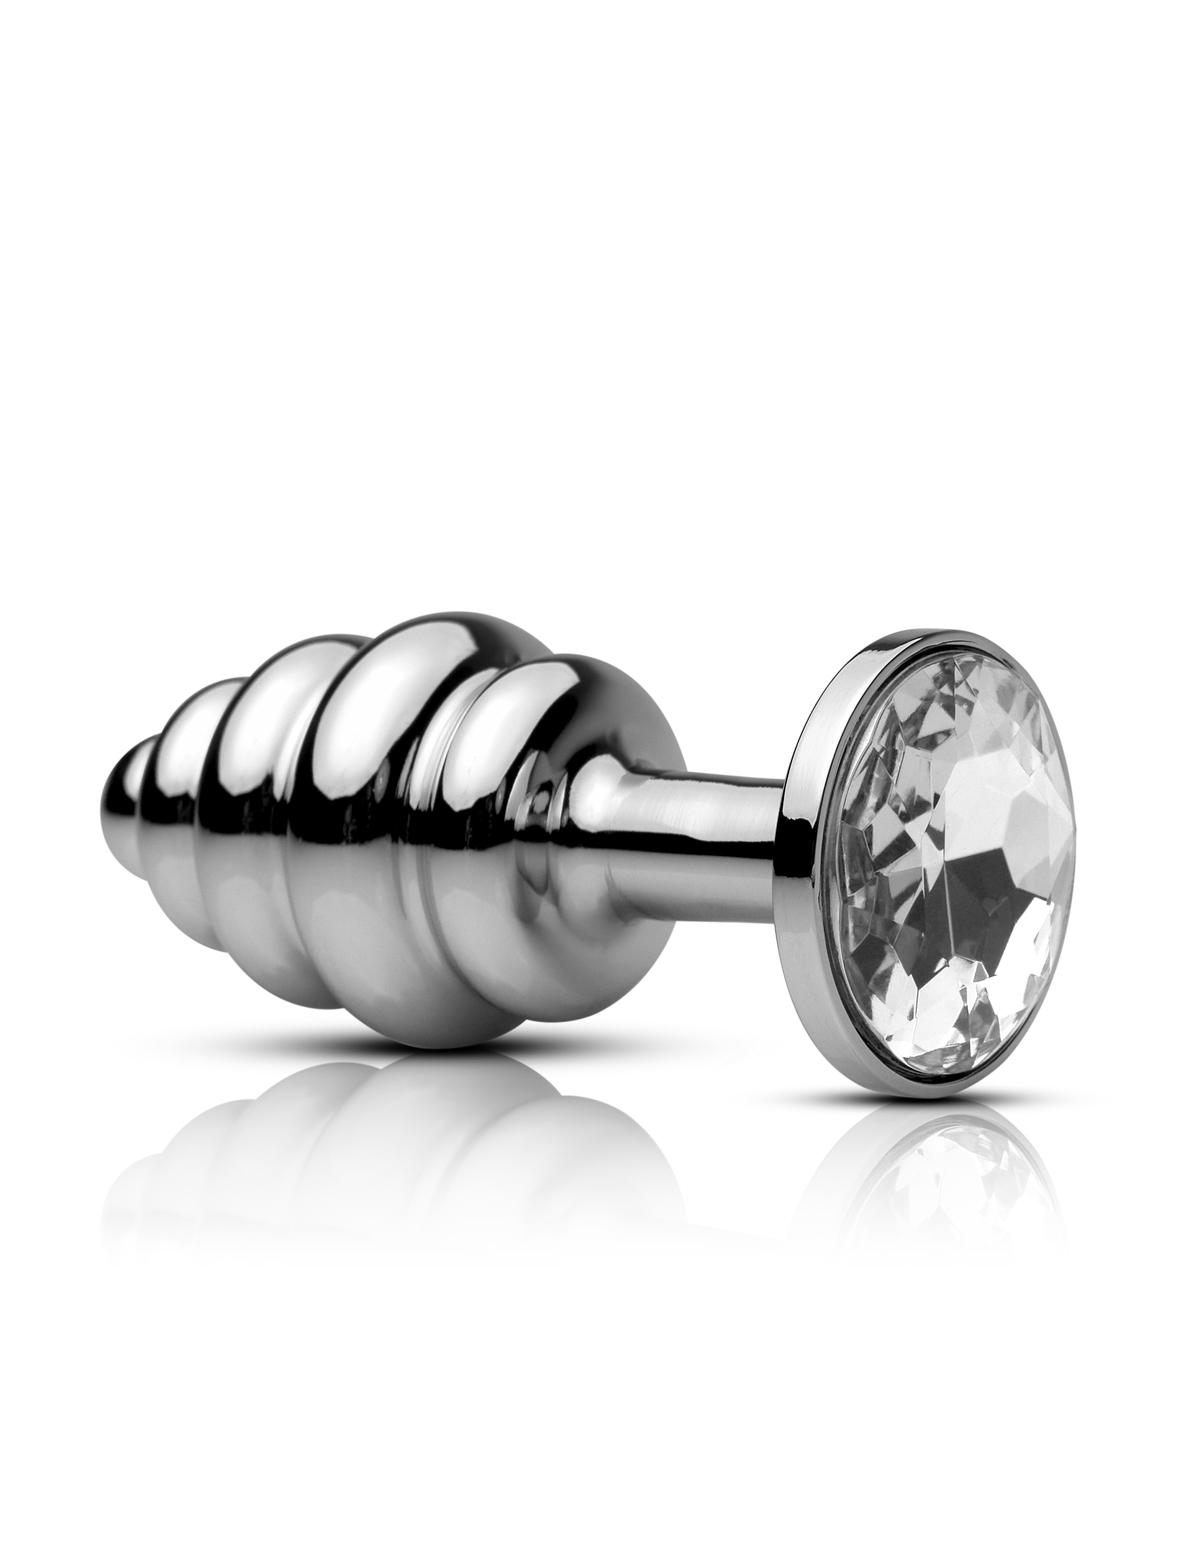 Metal Worx Small Butt Plug